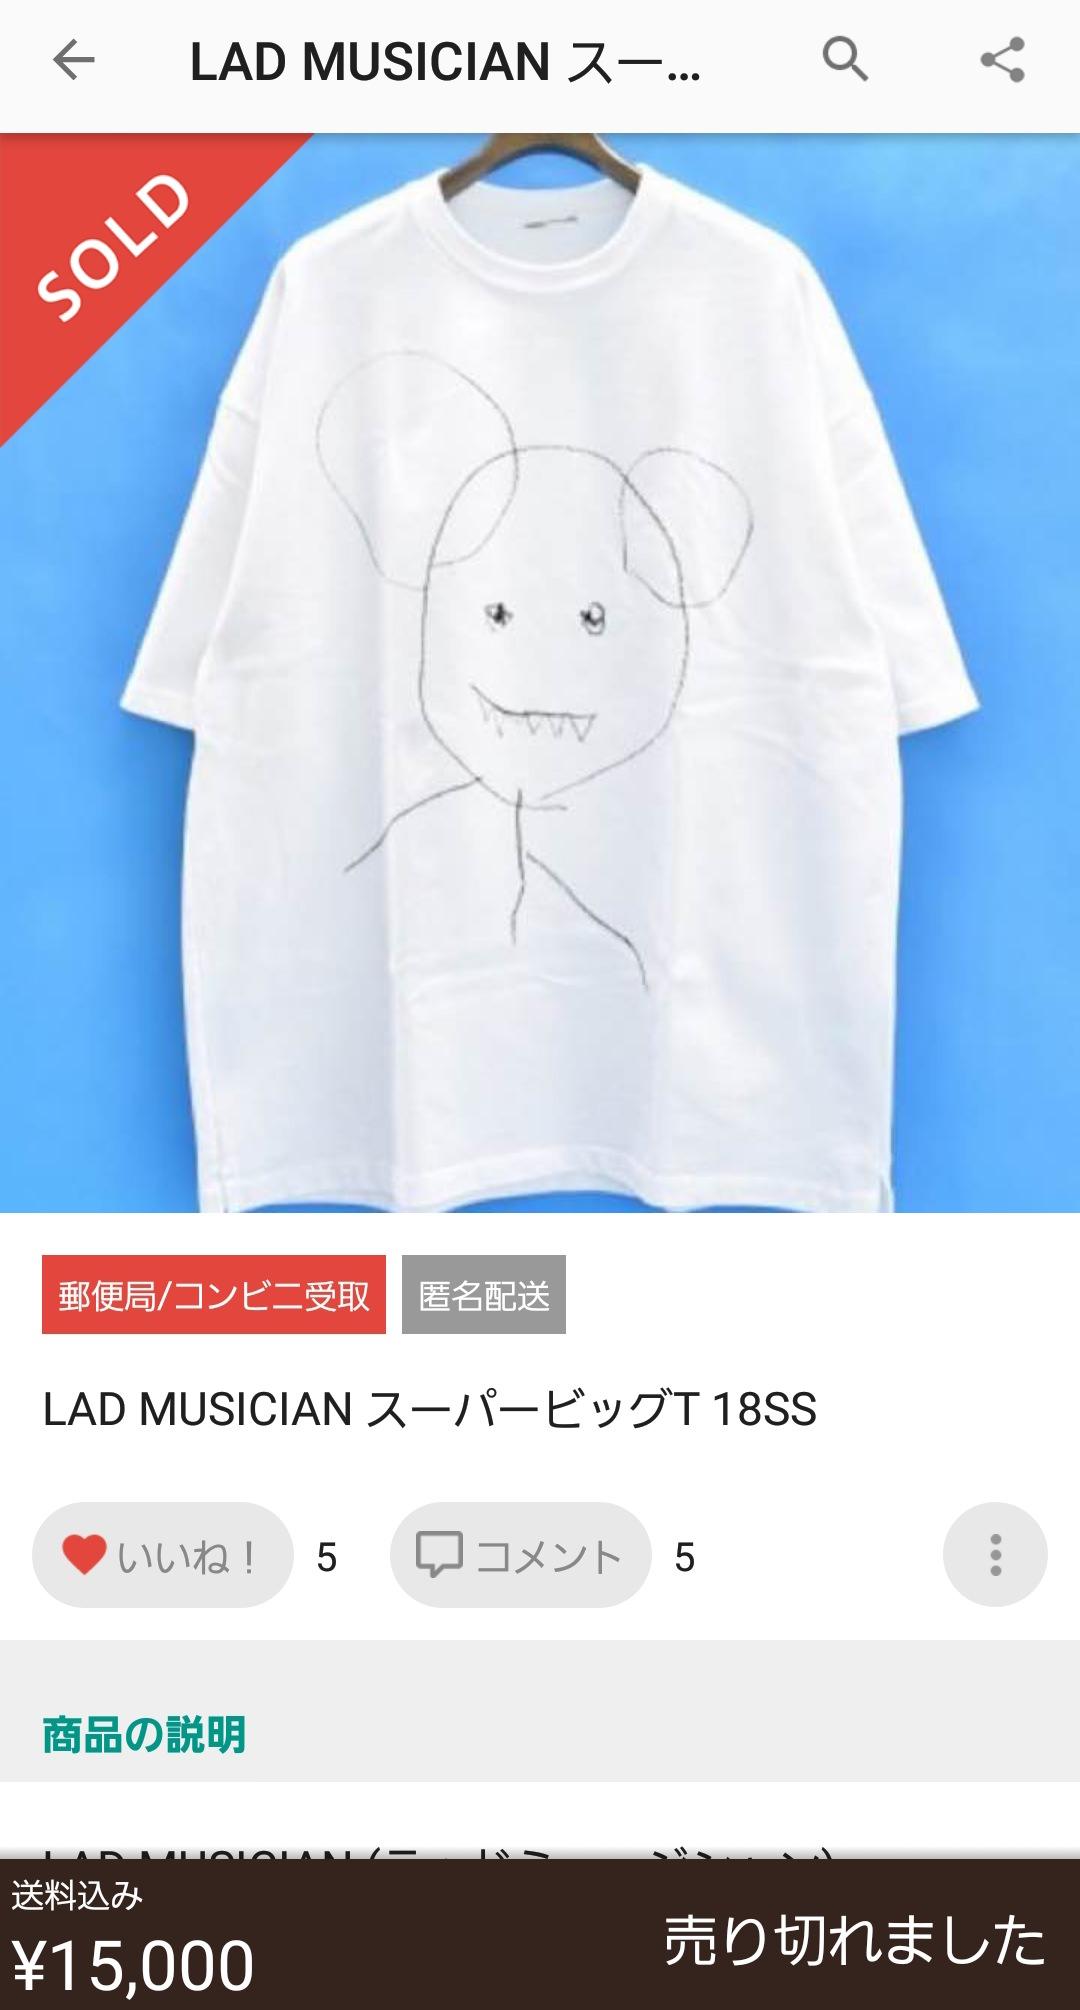 【画像】メルカリ、とんでもないTシャツを売ってしまう